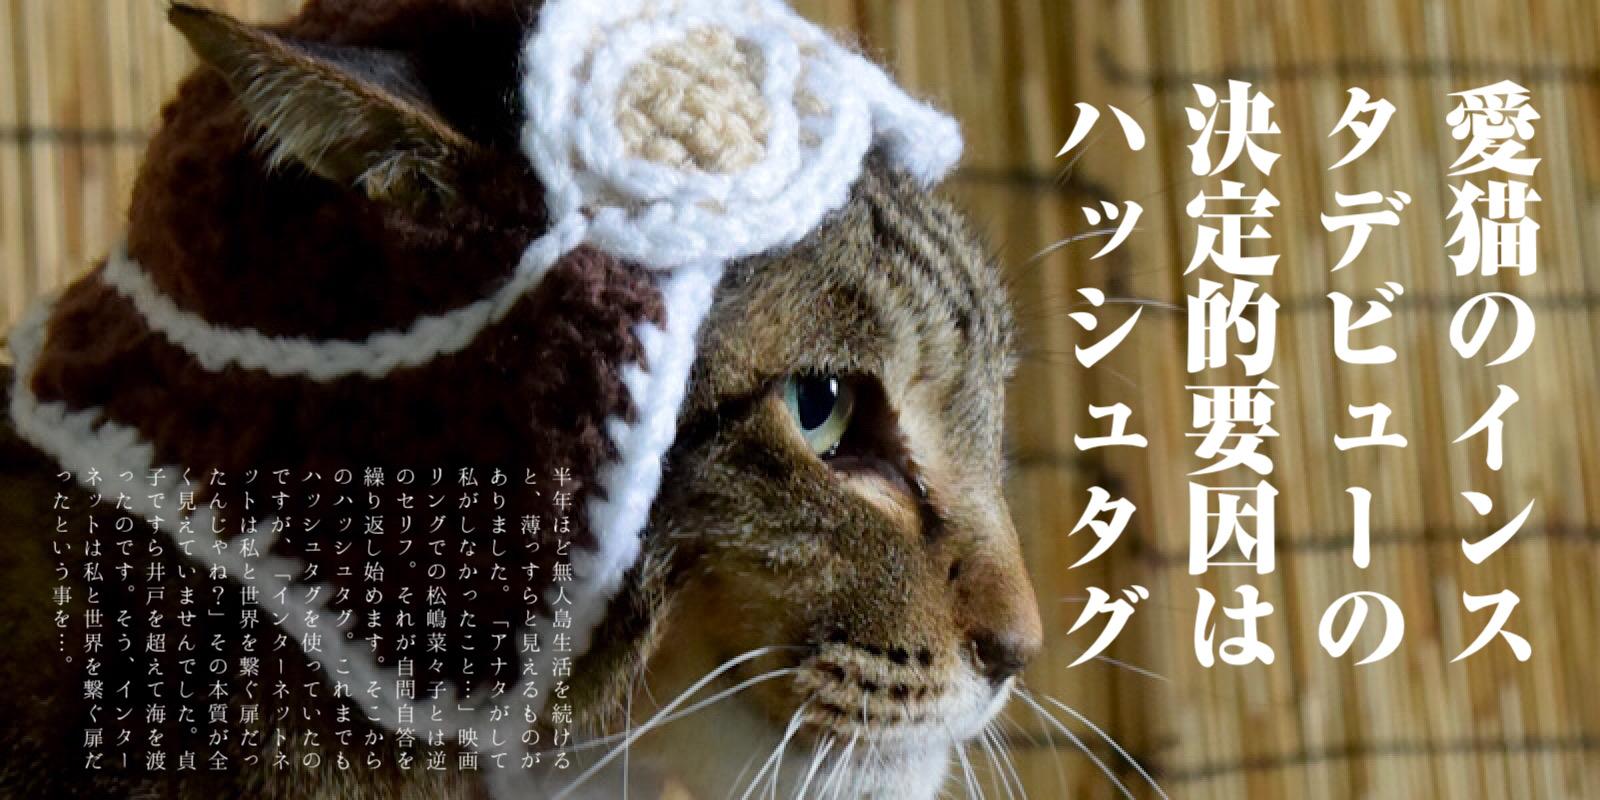 愛猫のインスタデビュー